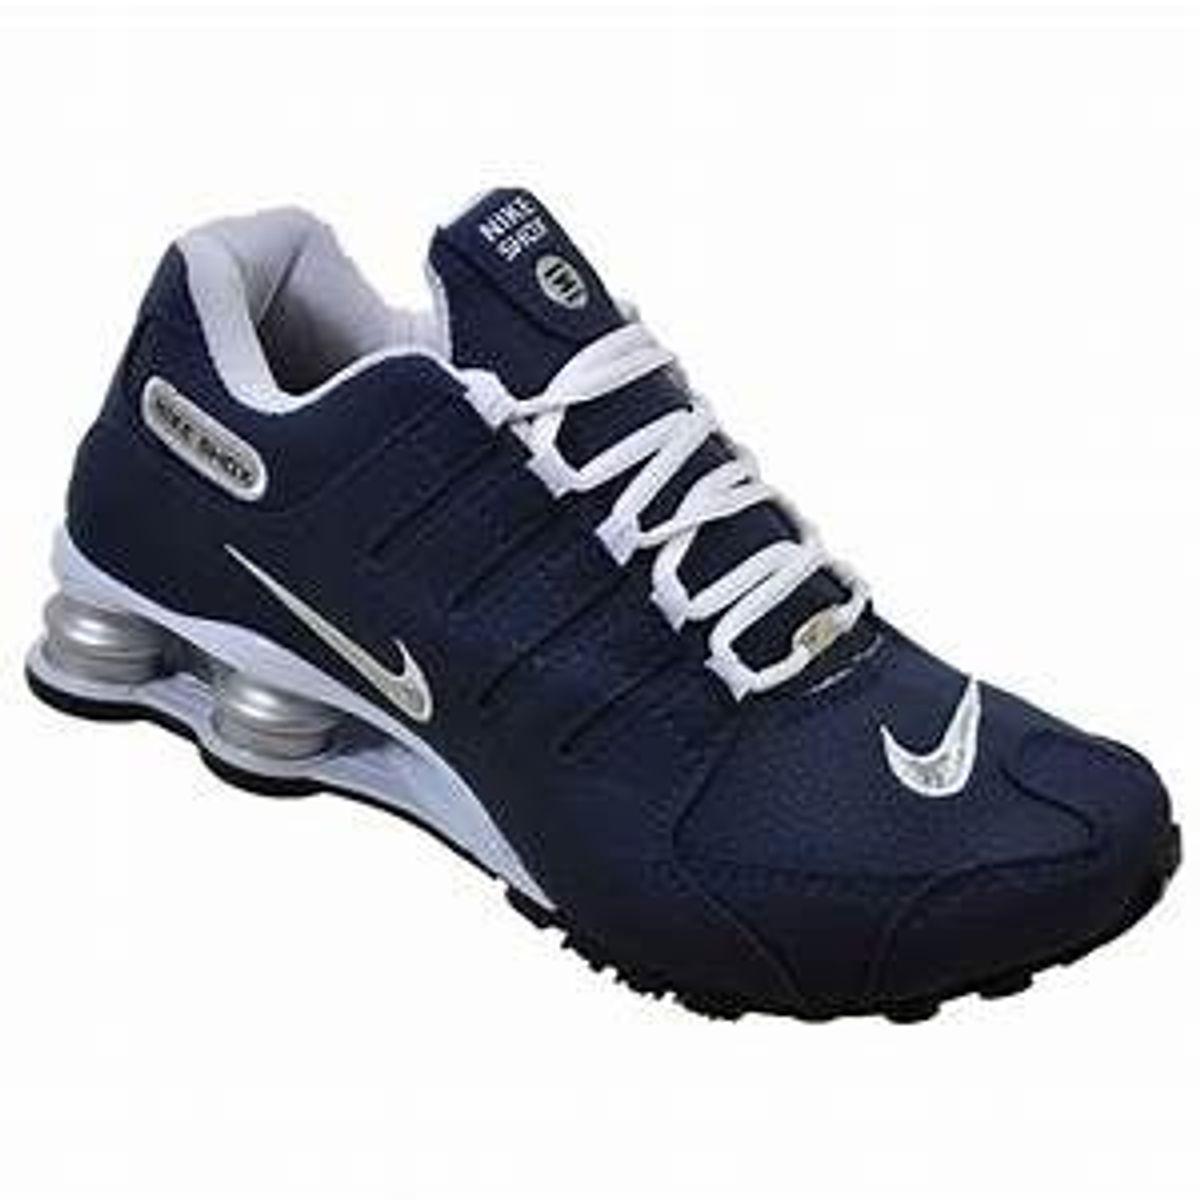 separation shoes b68f0 29f8f tenis novo nike shox nz azul numero 42 - tênis nike